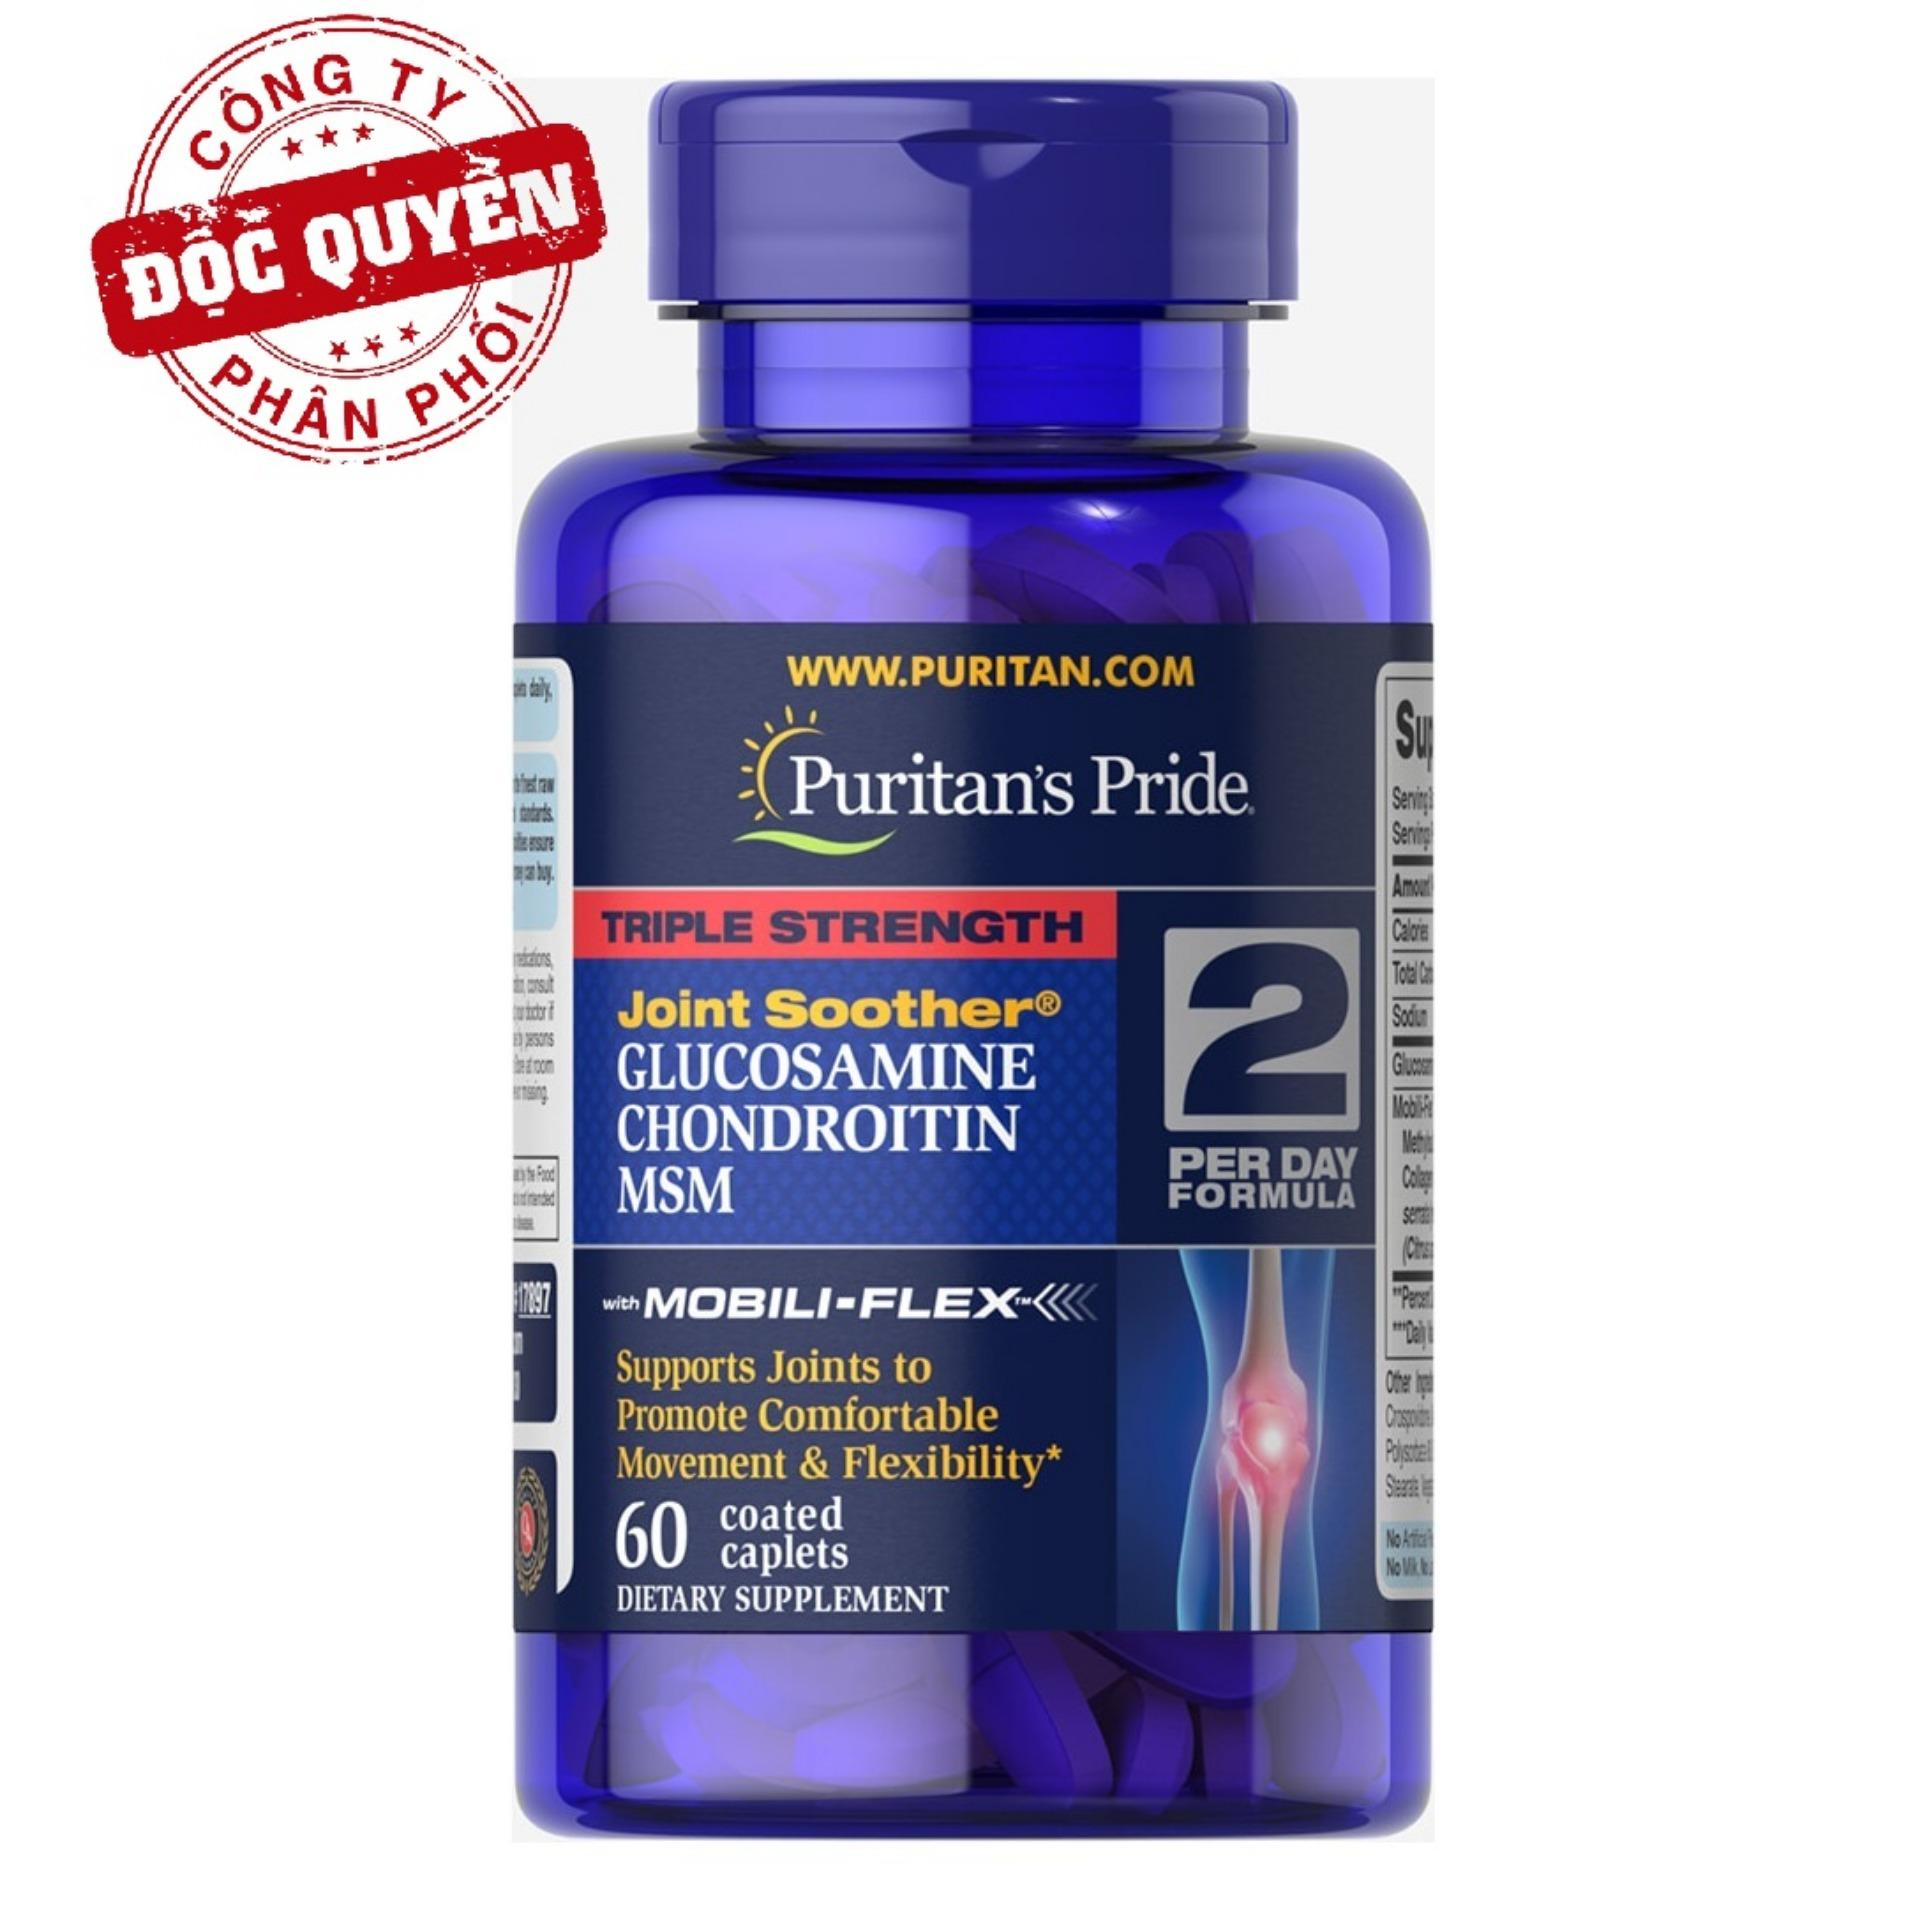 Viên uống giảm thoái hóa khớp, giảm đau viêm khớp, tăng cường dịch khớp, giúp khớp cử động linh hoạt Puritan's Pride Triple Strength Glucosamine Chondroitin & MSM 60 viên HSD tháng 8/2020